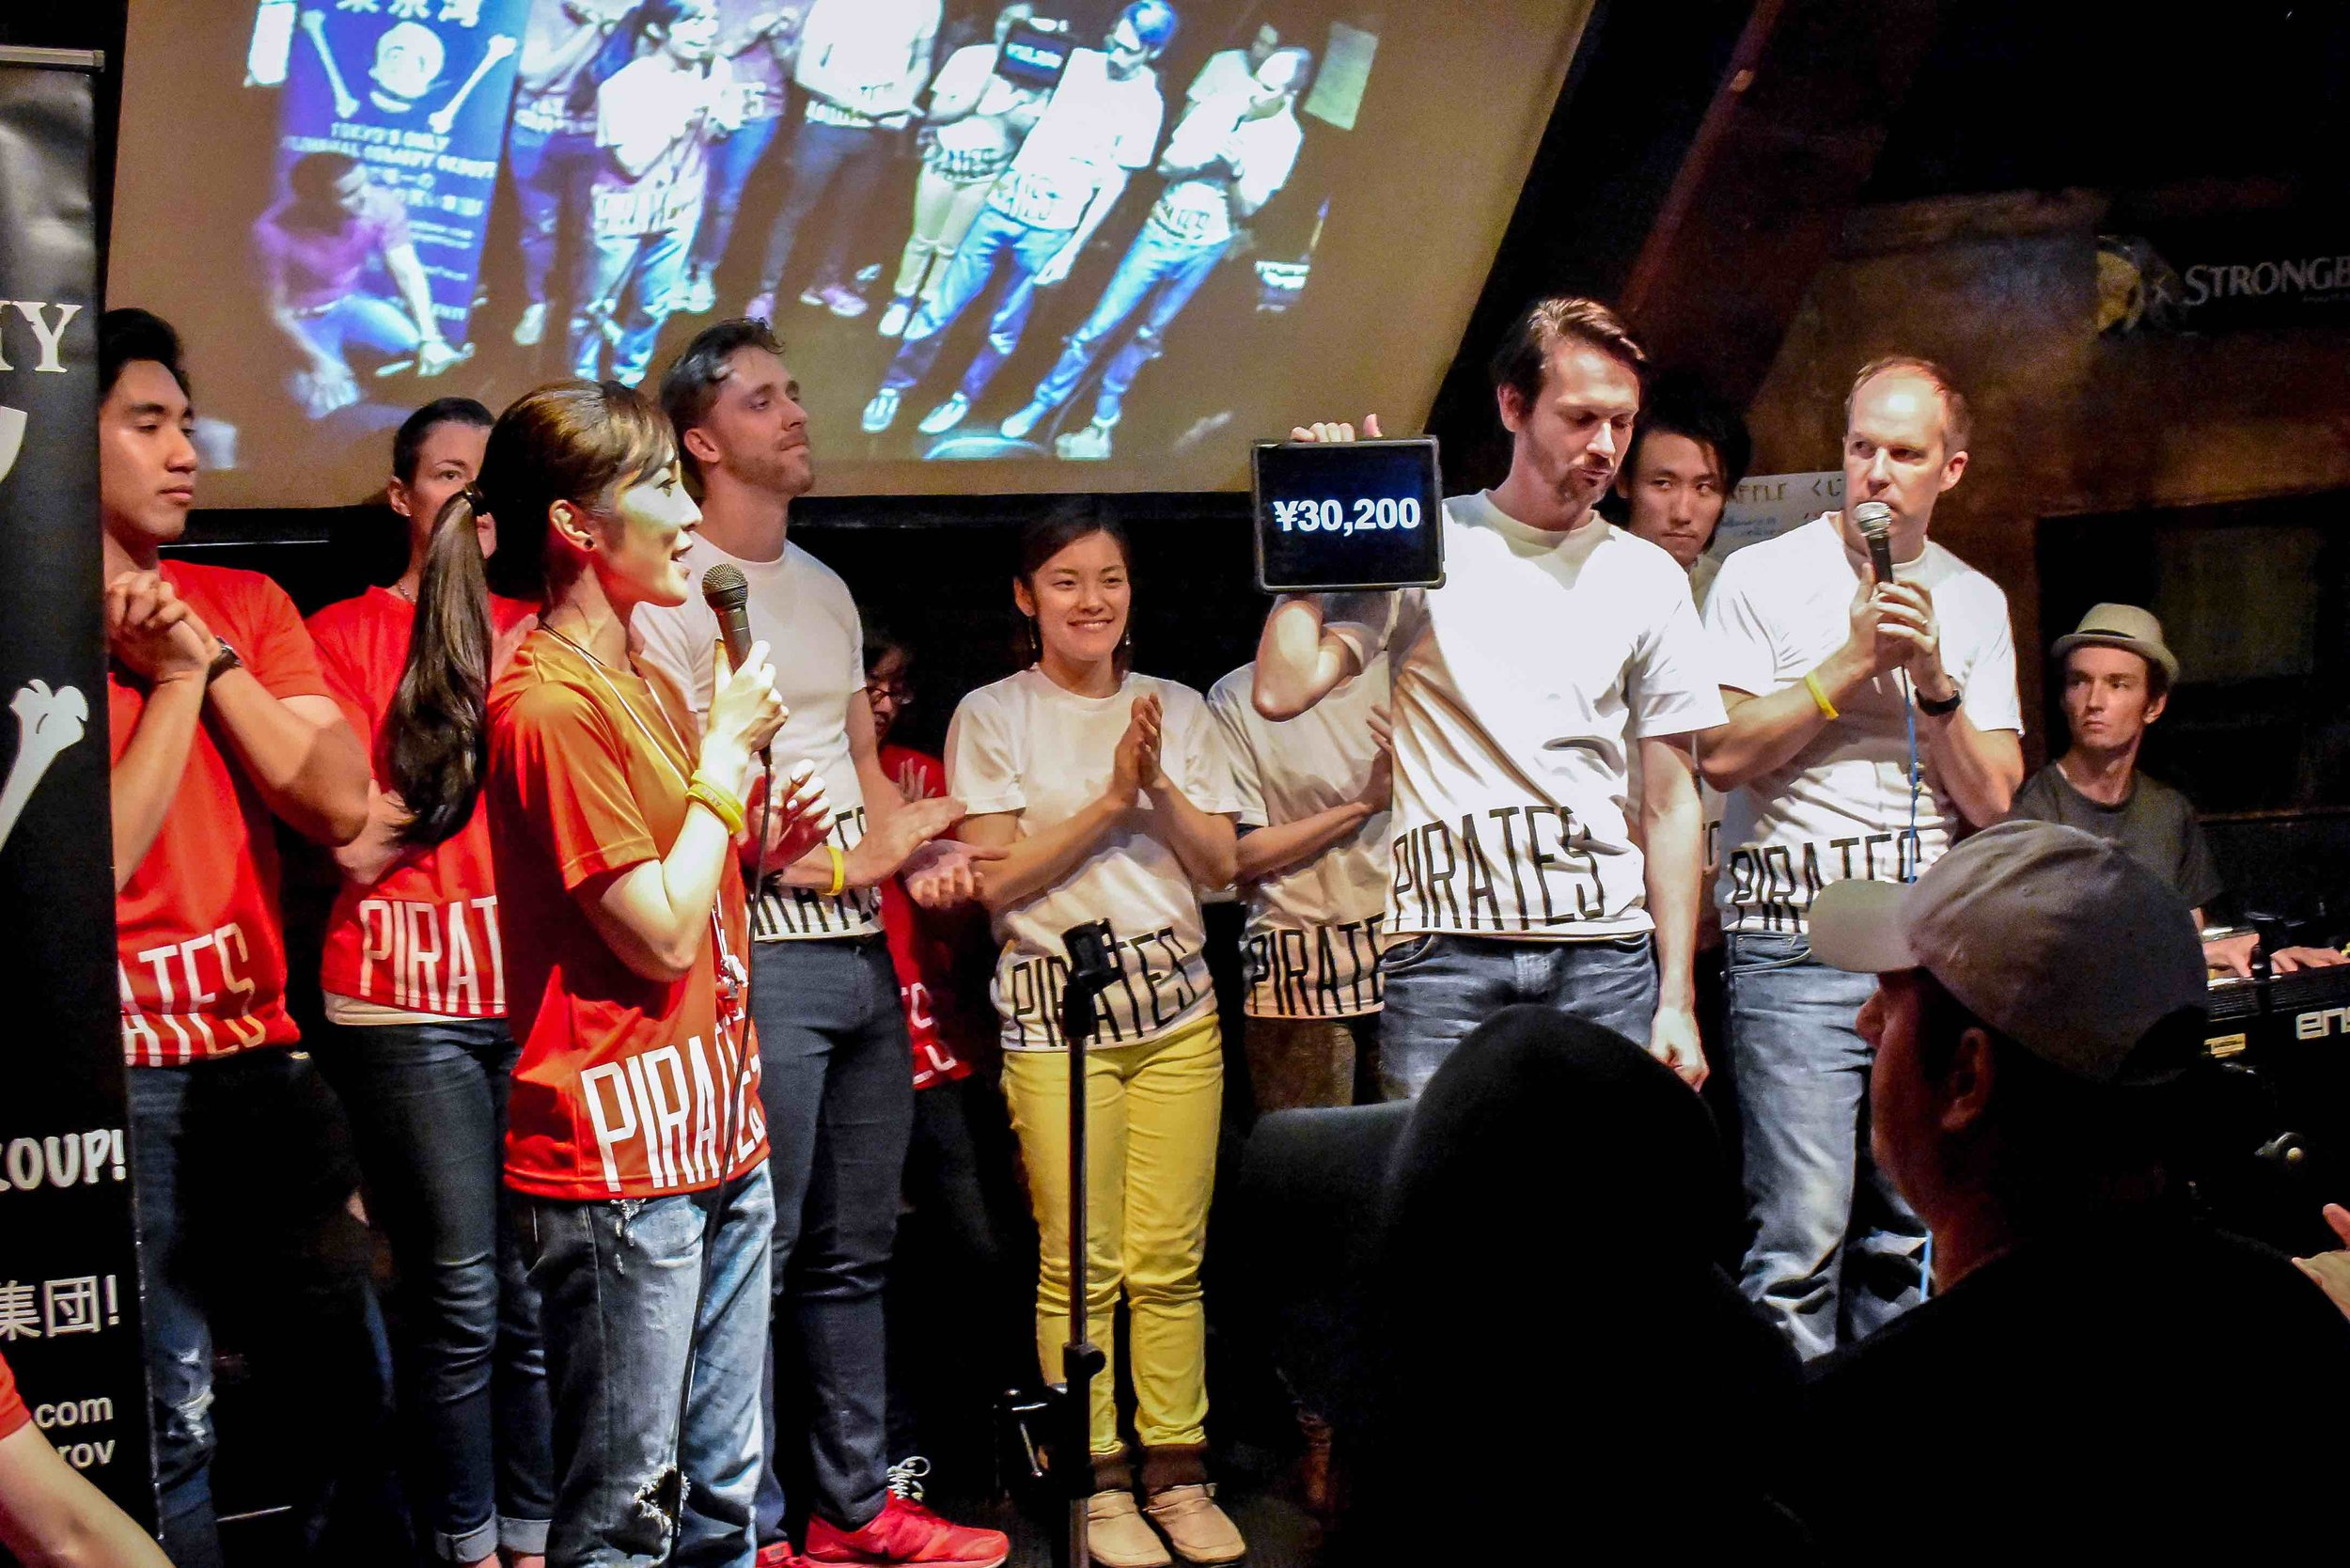 Photo credit: Tabia Chui ( Studio +81 )